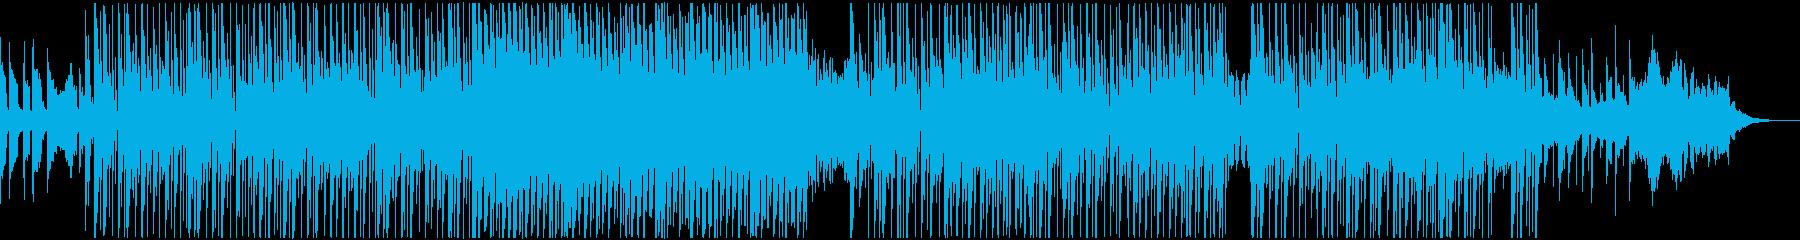 アンビエントなギターのクールなテクノの再生済みの波形